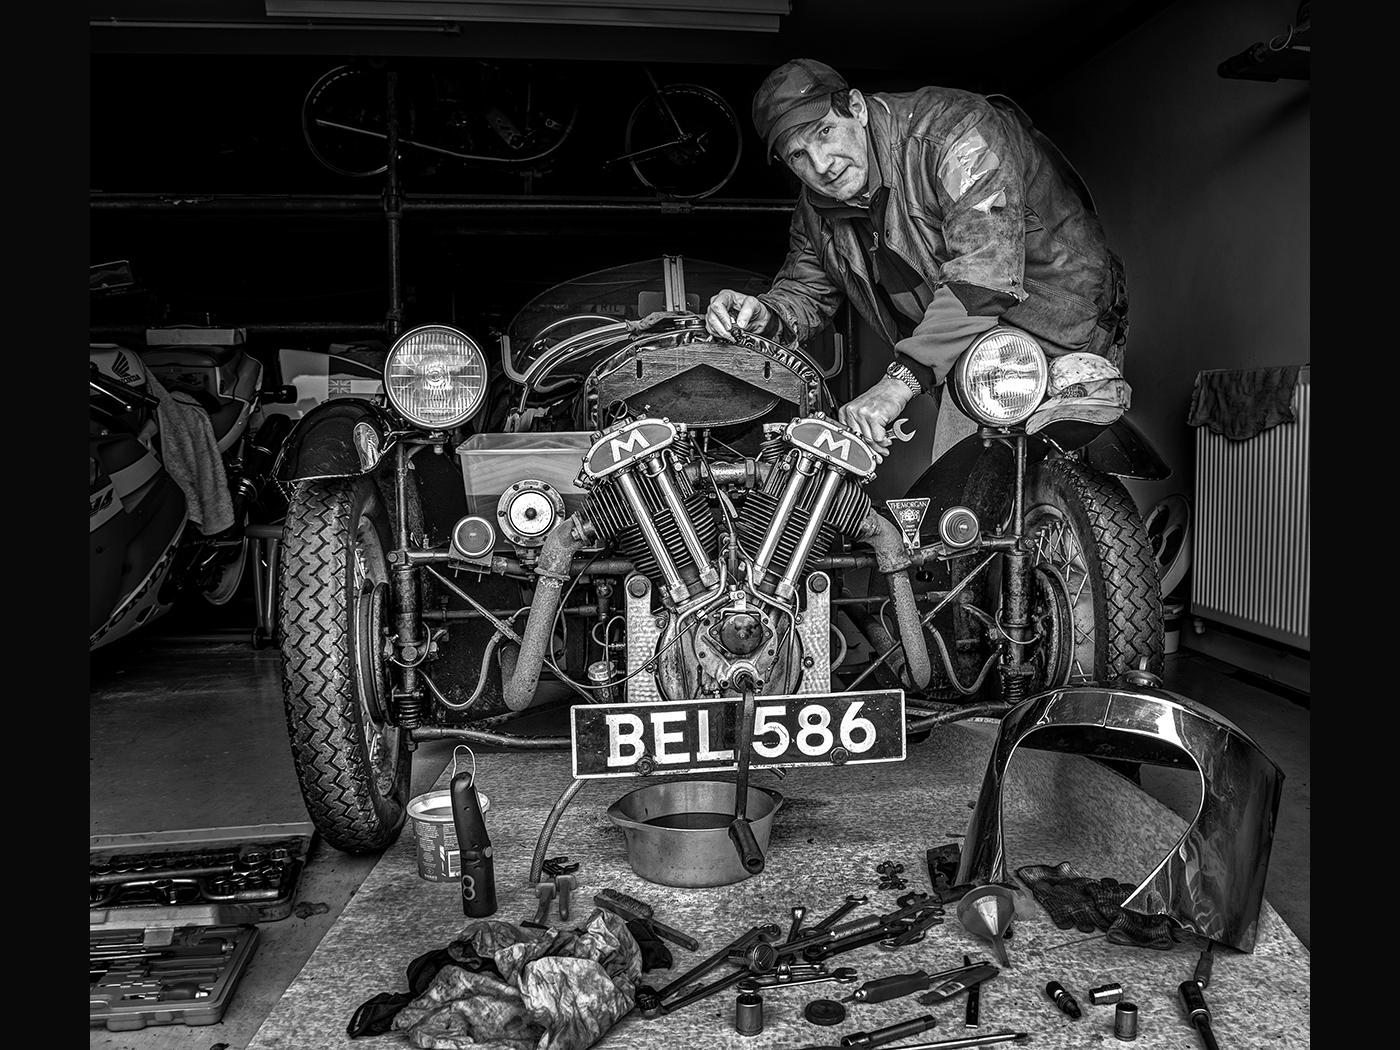 07_Bill Smith_Morgan 3 Wheeler - Repairs